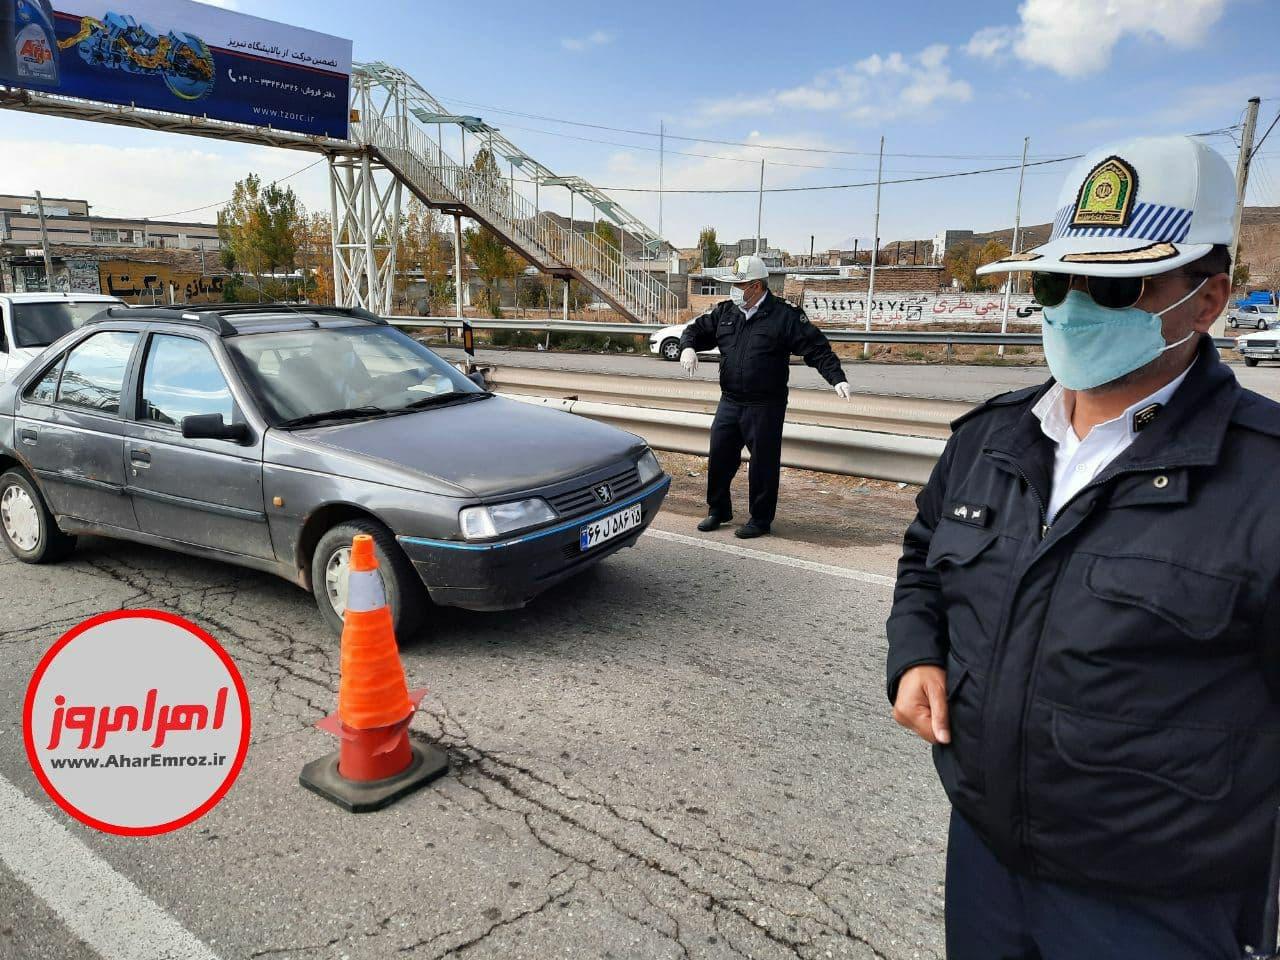 استفاده از برگههای ورود و خروج خودروهای غیربومی جهت عدم ورود به شهر اهر؛ ابداعی عالی و حاکی از بازدارندگی از ورود خودروهای غیربومی است